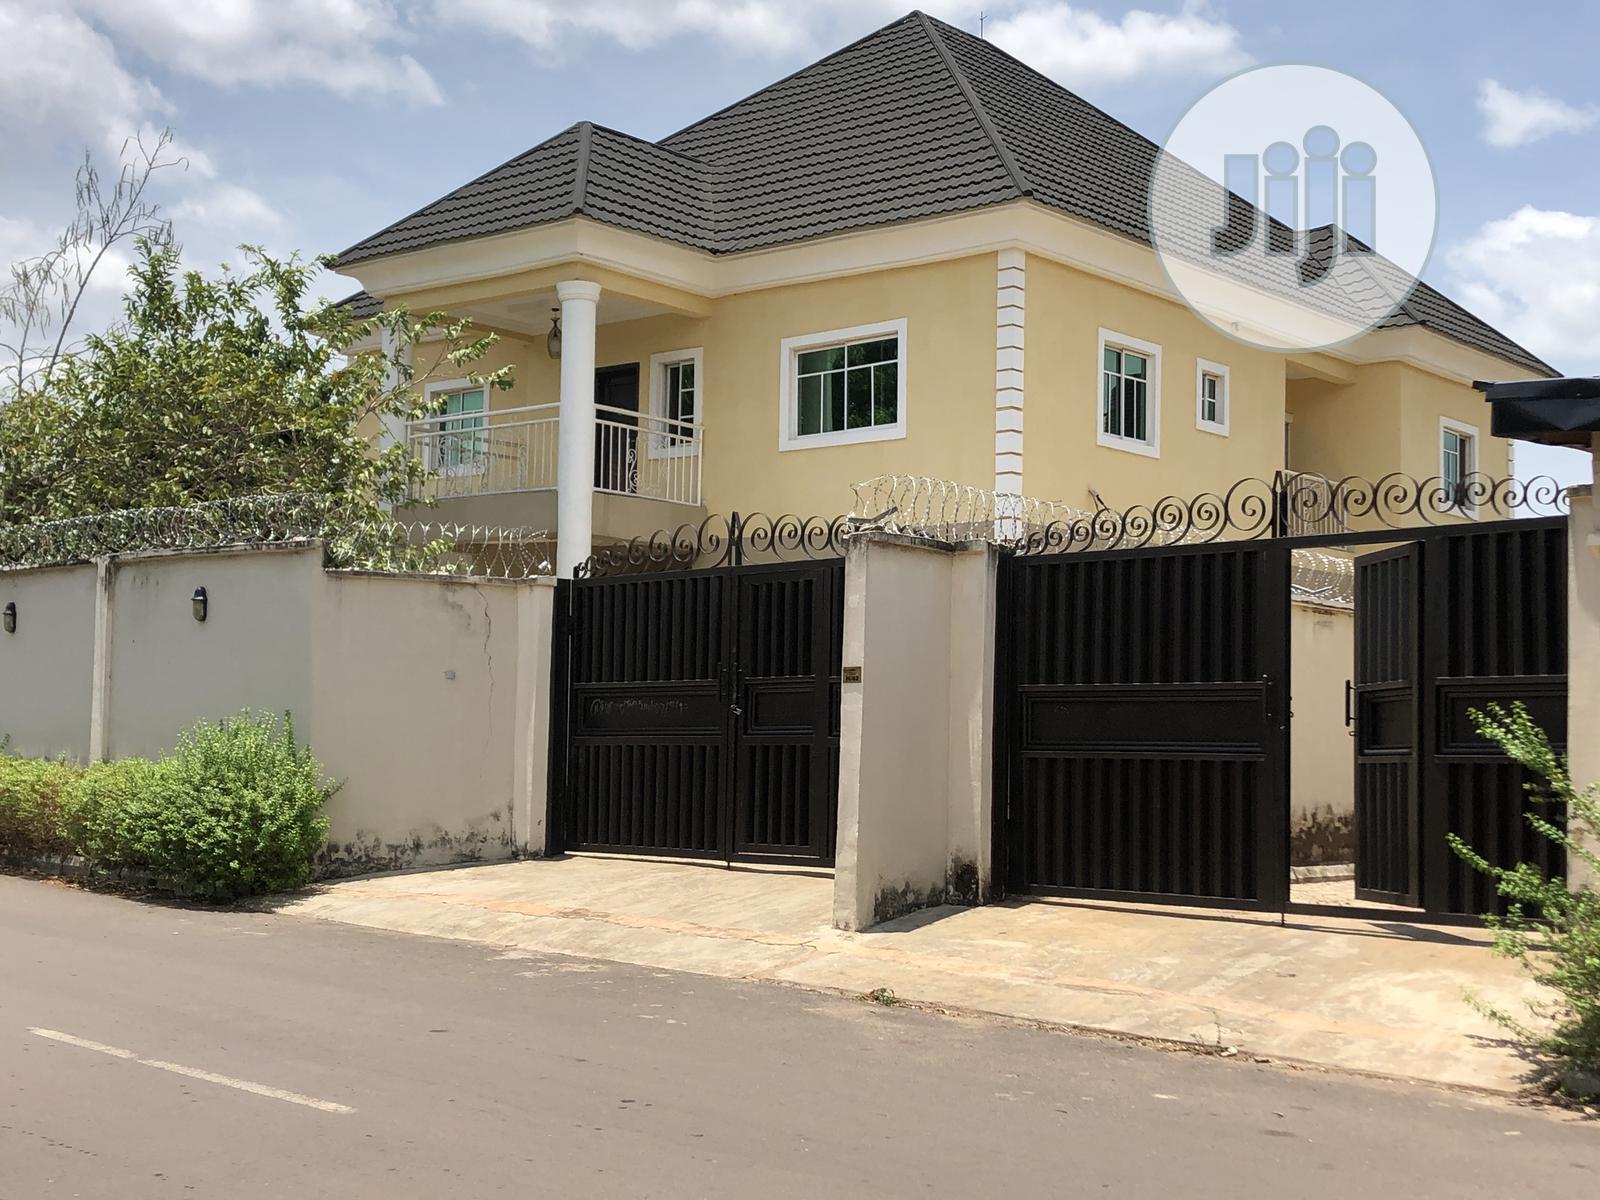 6 Bedrooms Duplex for Sale Enugu / Enugu